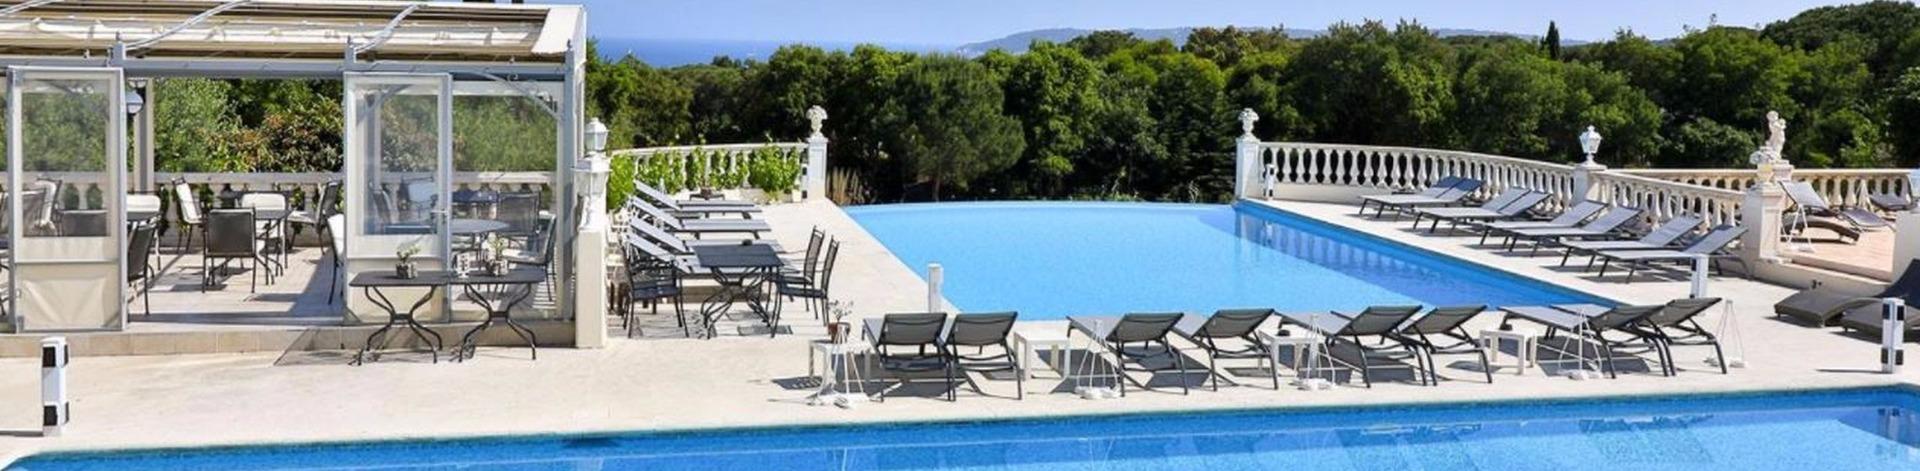 Hotel mas bellevue in Saint tropez